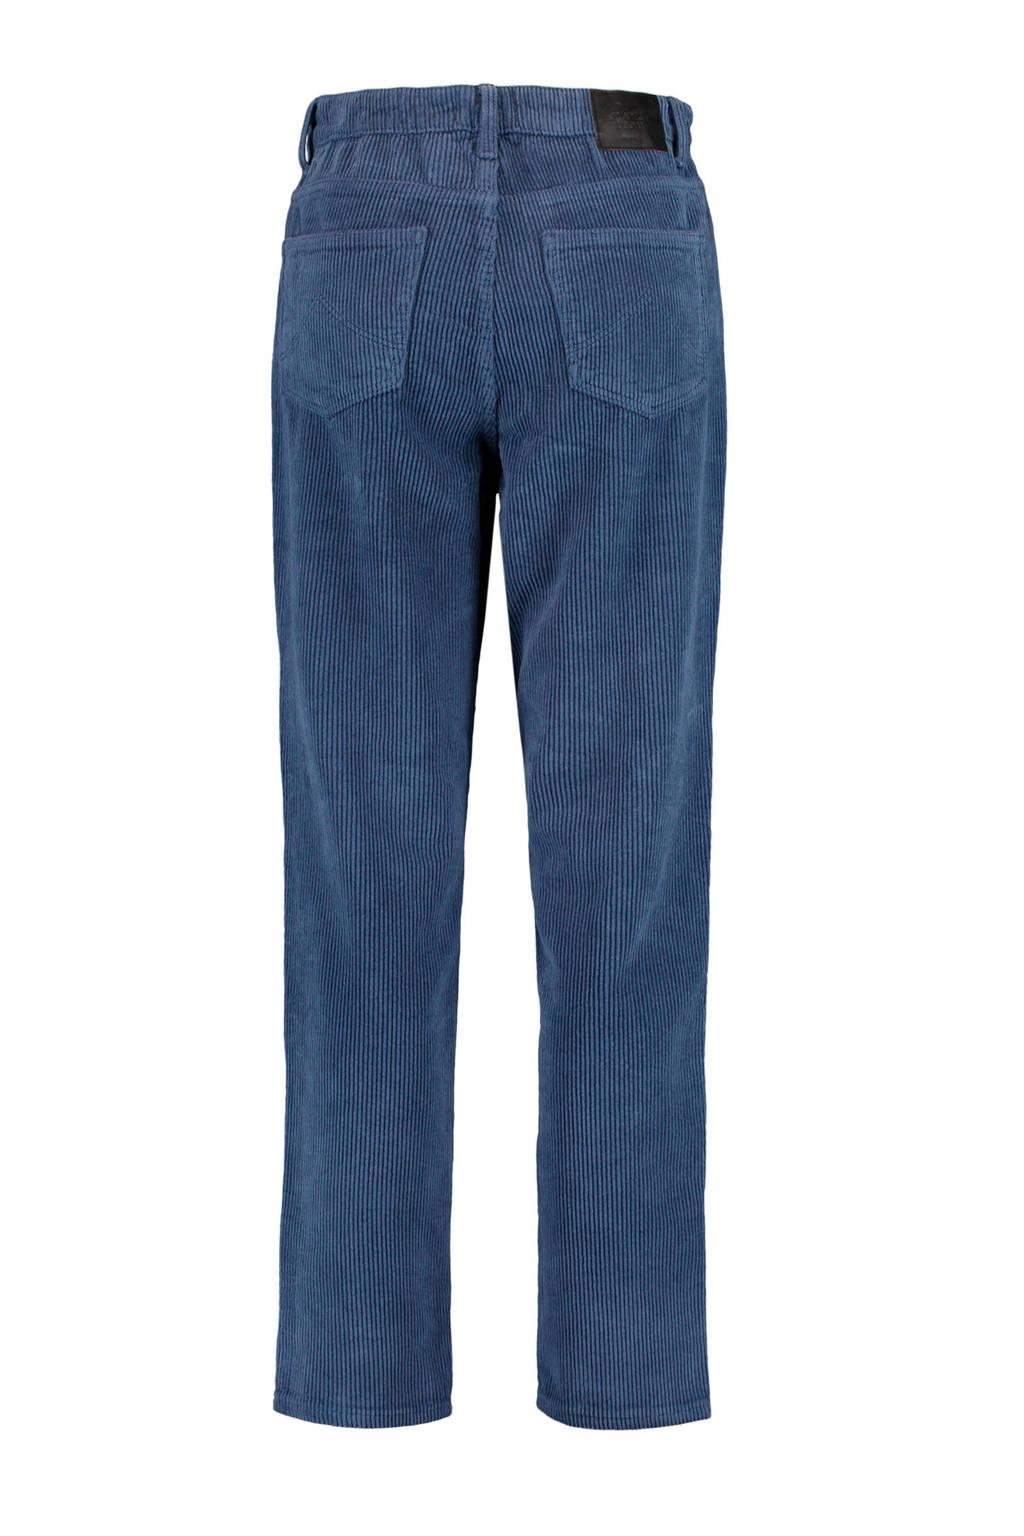 America Today corduroy high waist loose fit broek Jadan old school blue, Old school blue